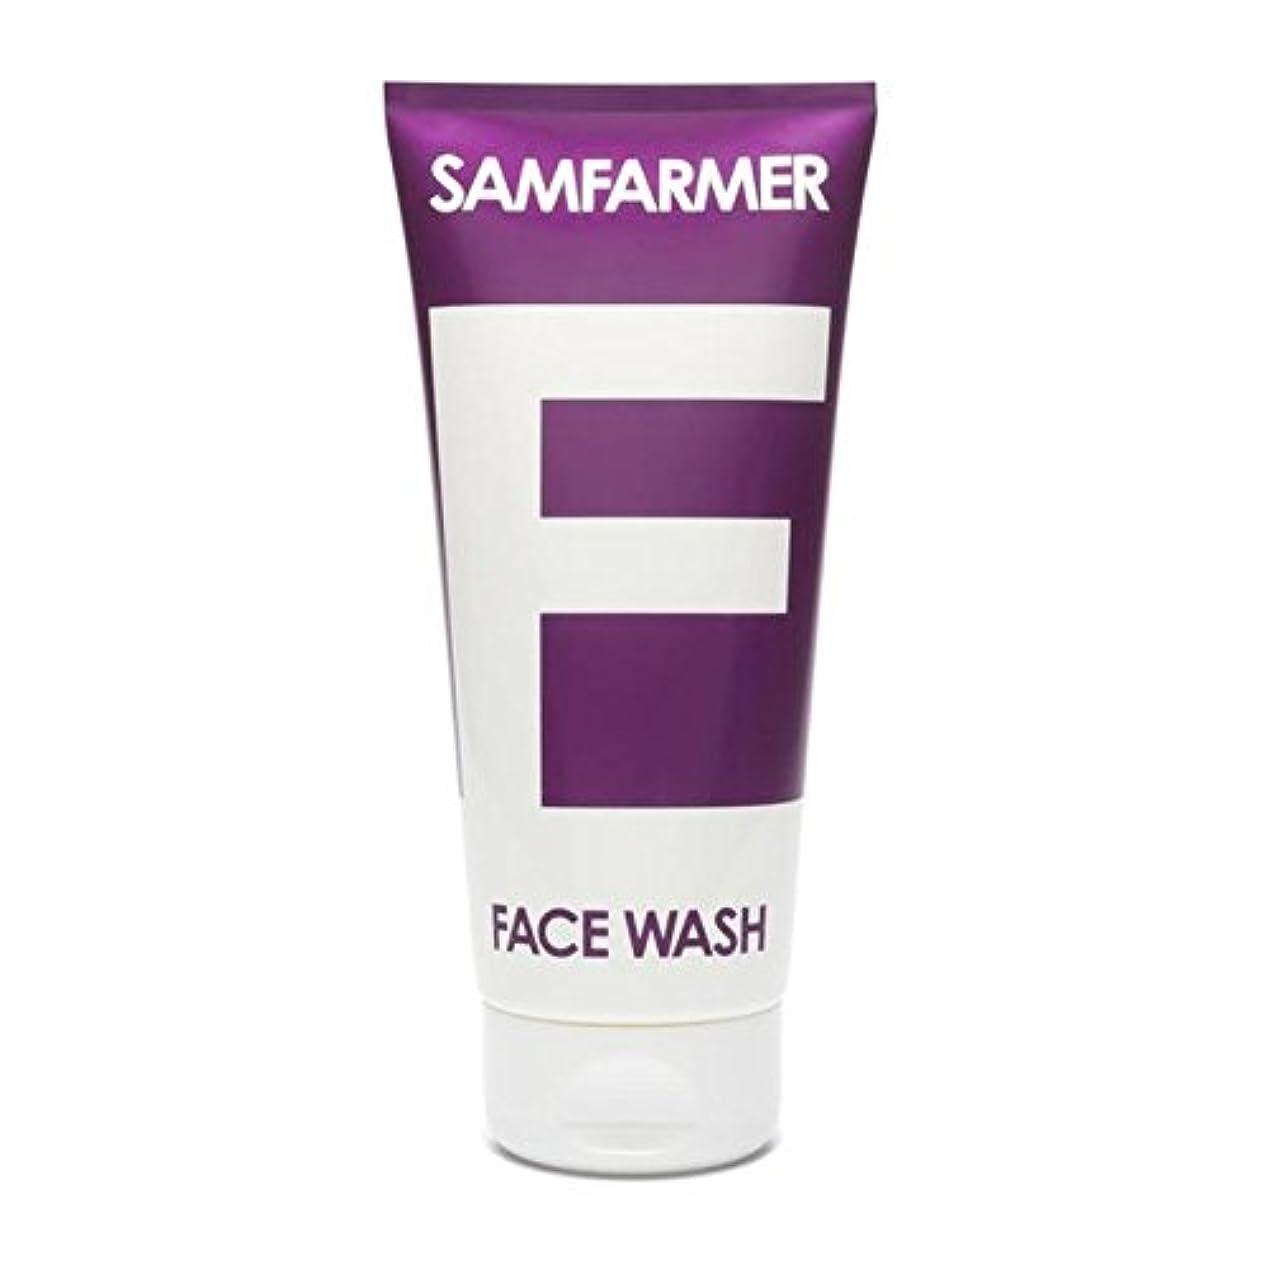 道細菌なるSAMFARMER Unisex Face Wash 200ml (Pack of 6) - ユニセックスフェイスウォッシュ200ミリリットル x6 [並行輸入品]